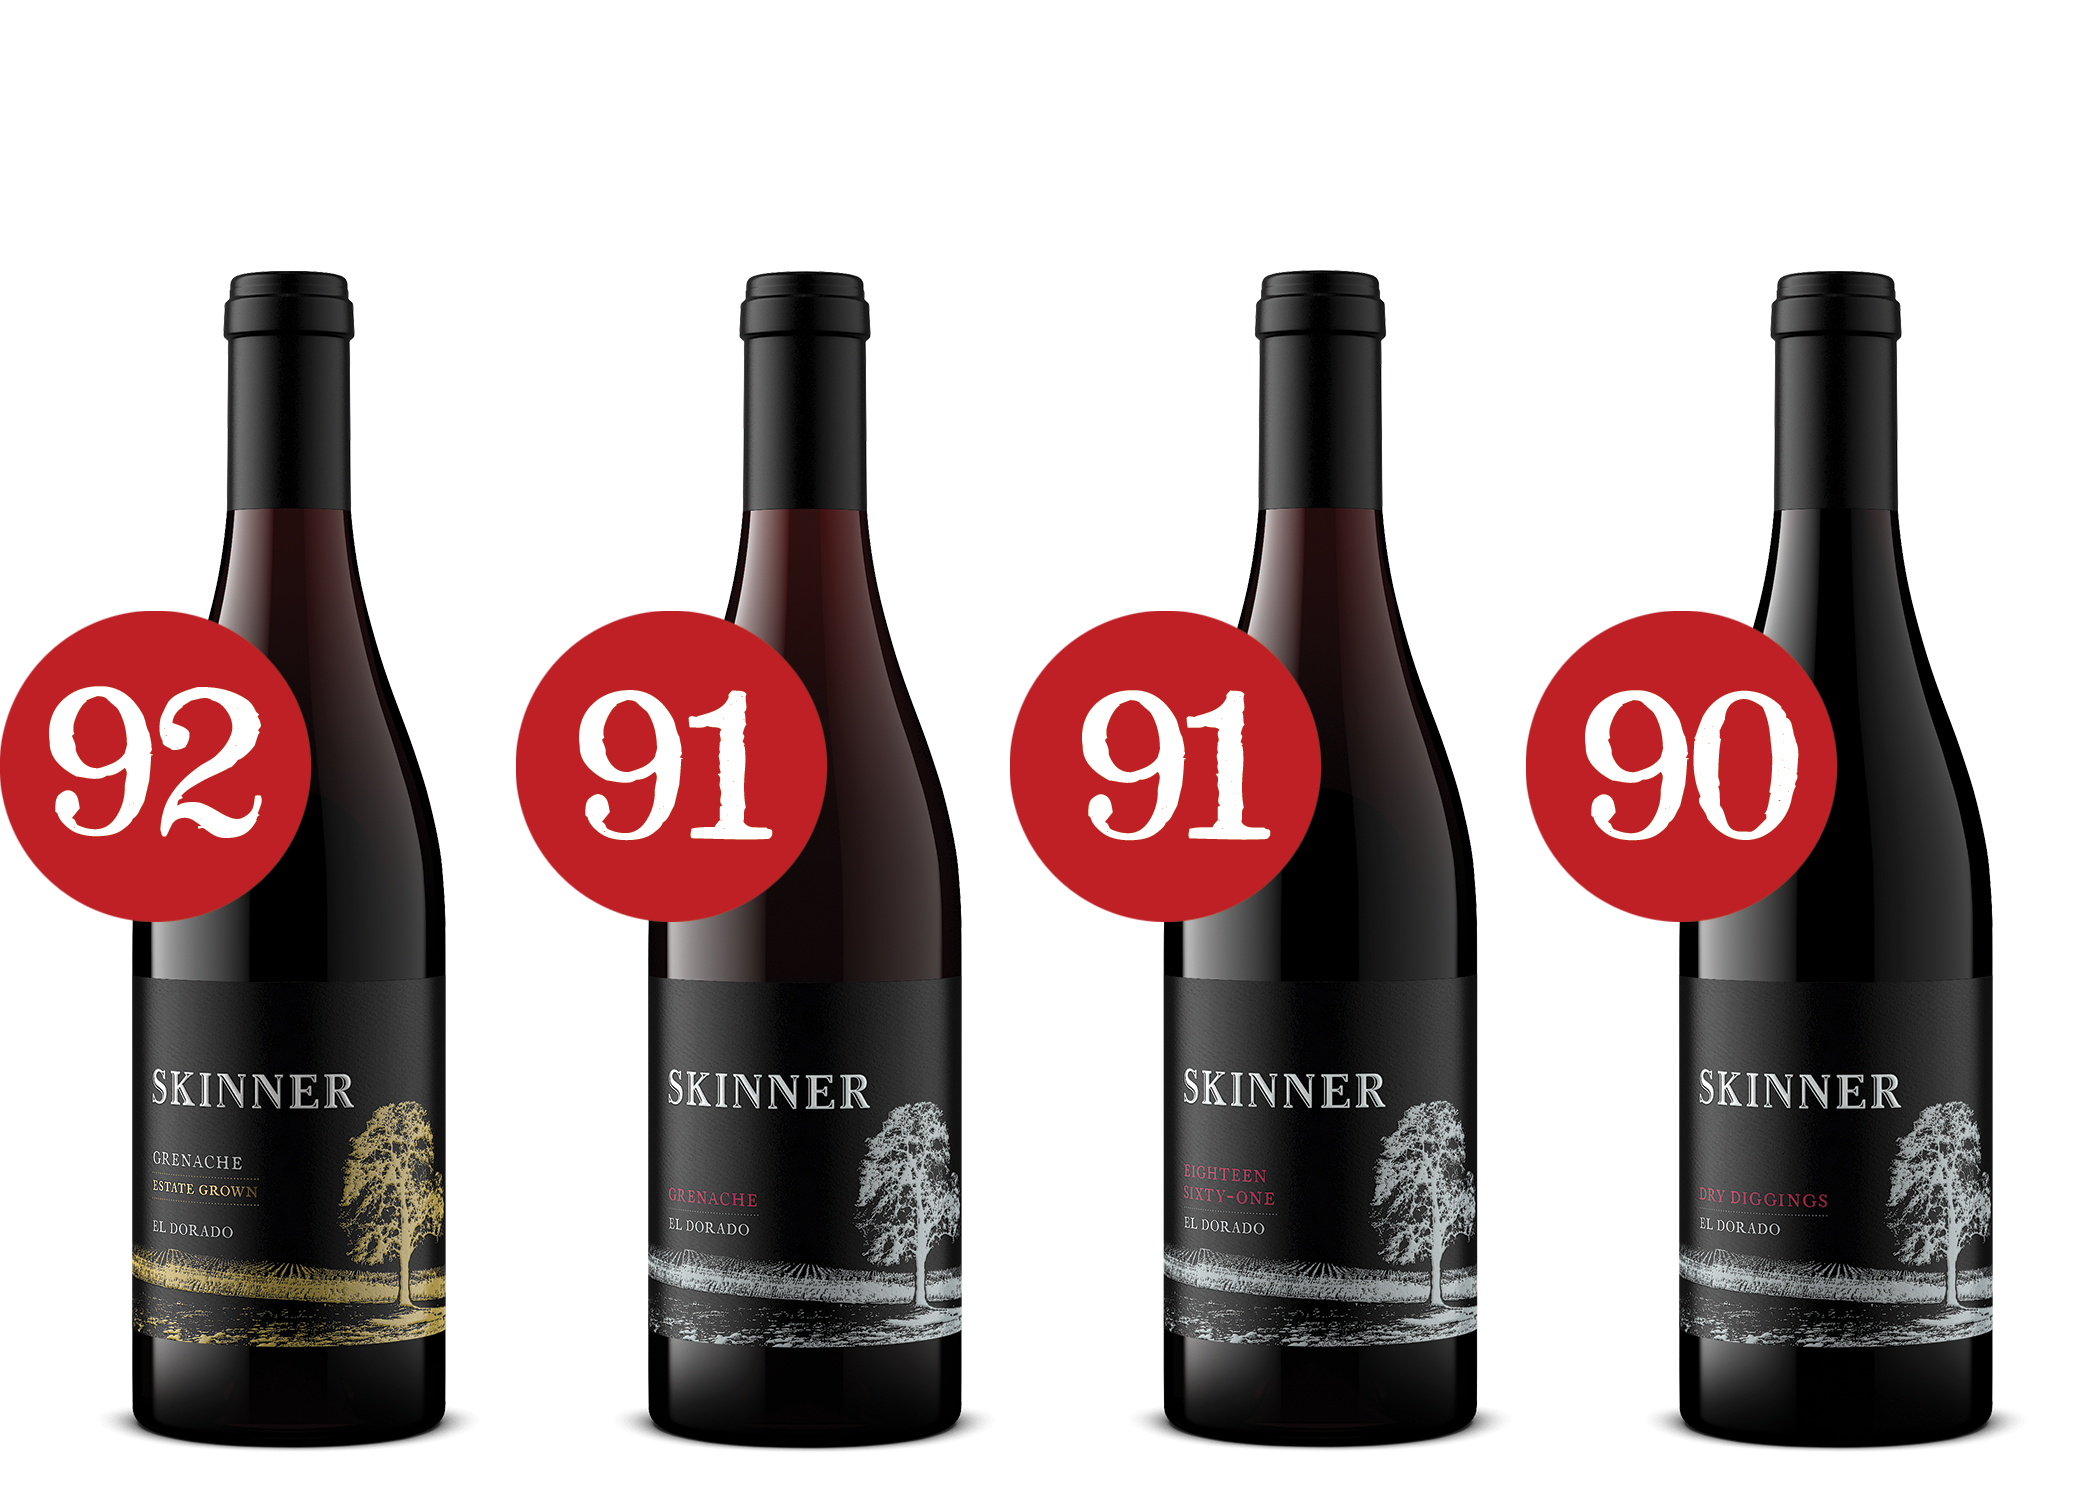 Four bottles of Skinner wine